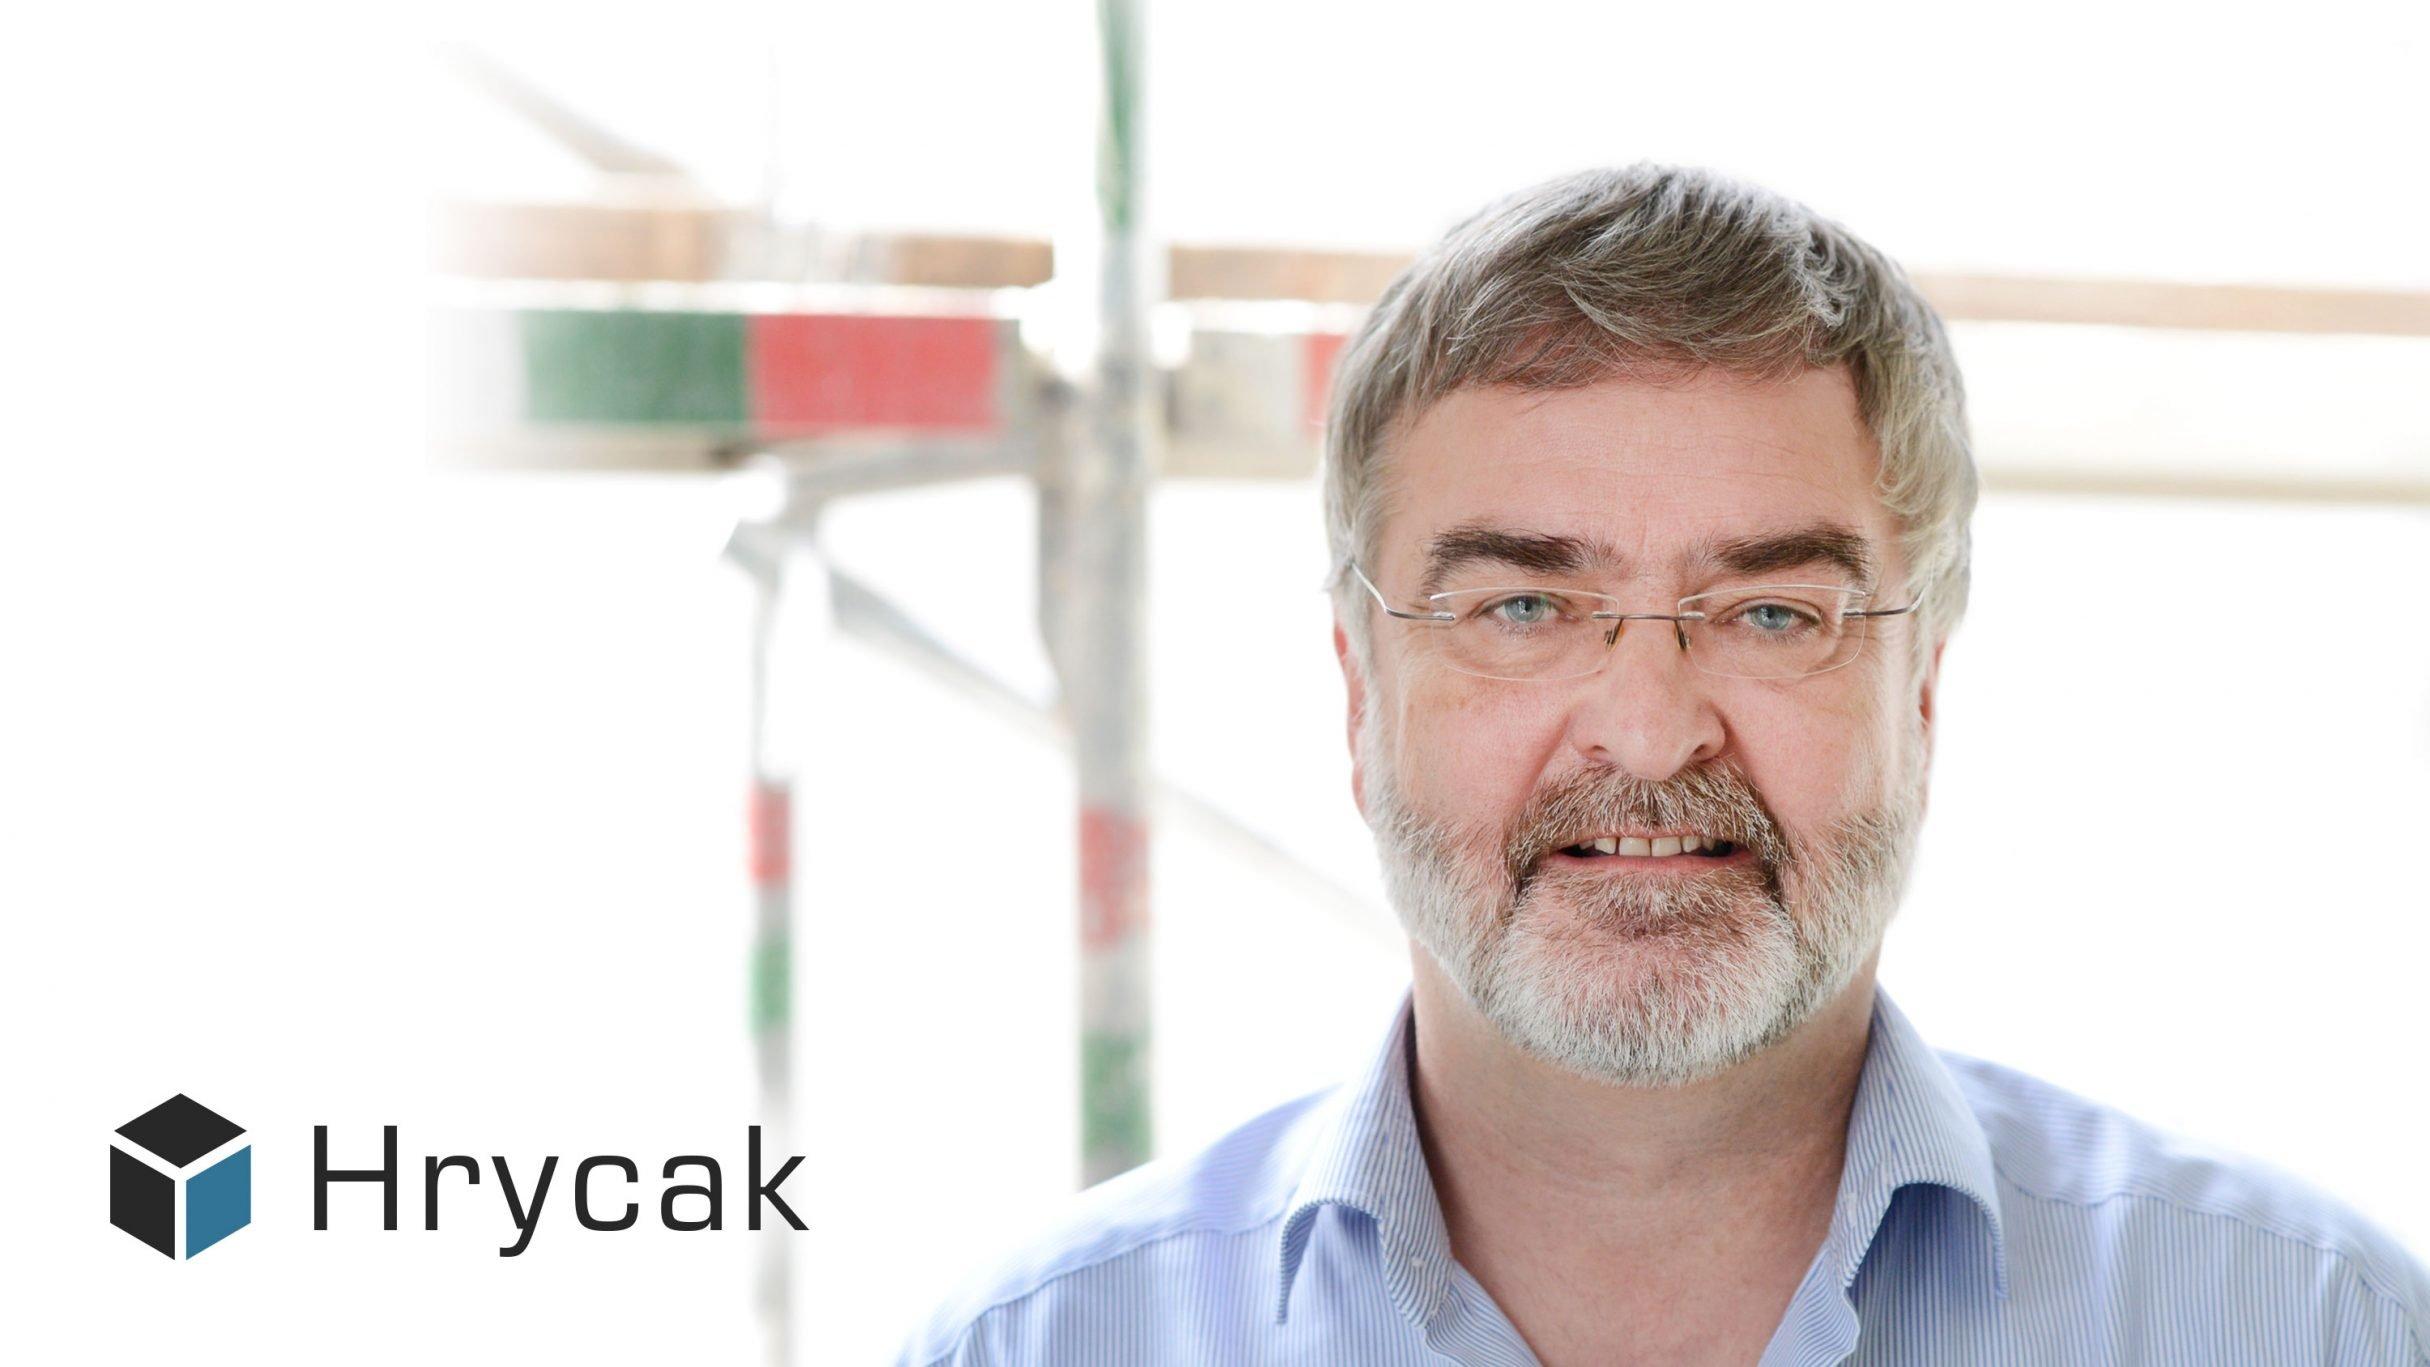 Businessfotografie, Portrait für Hrycak Bauberatung: DIE NEUDENKER® Agentur, Darmstadt